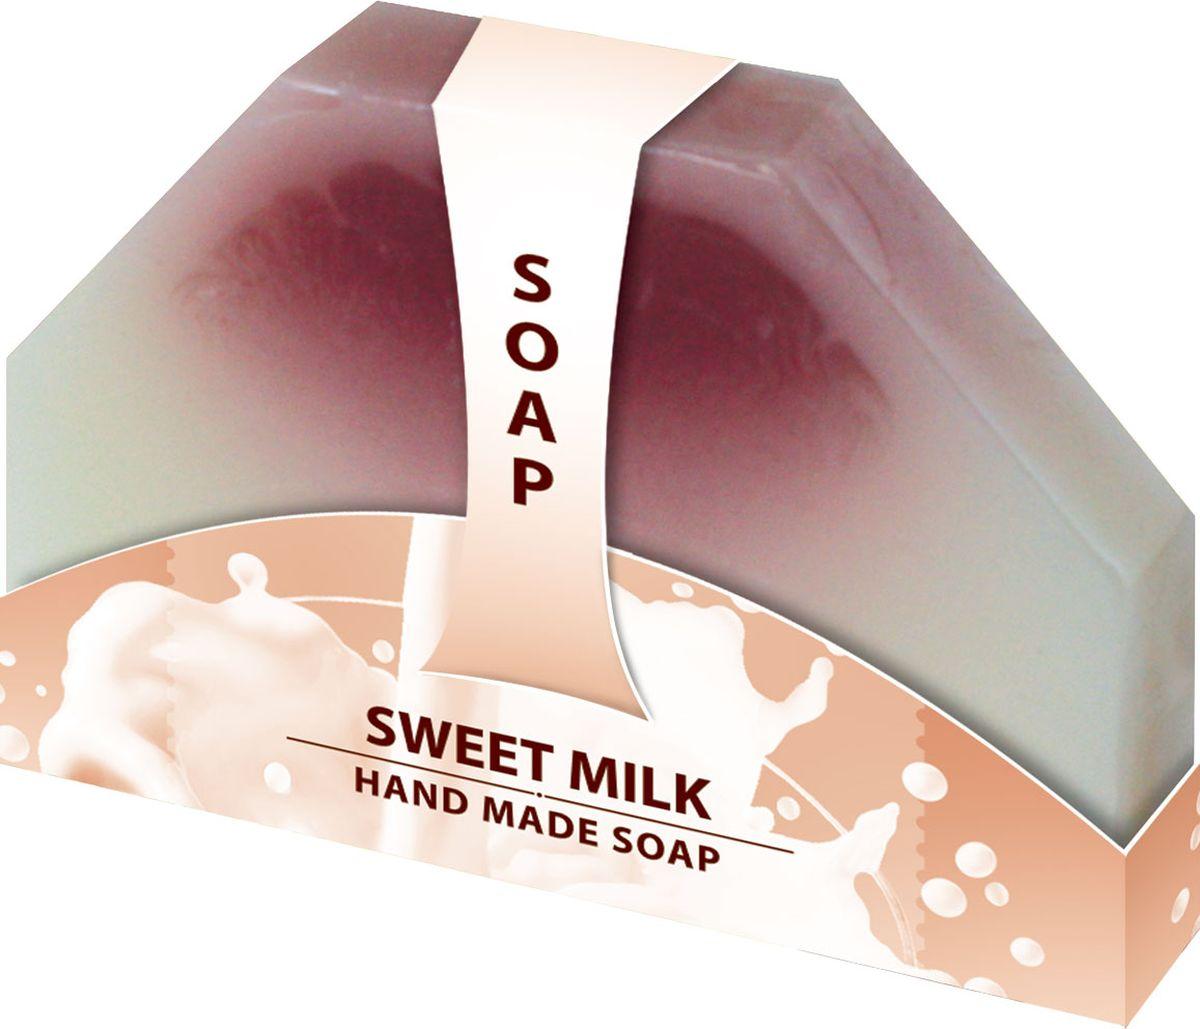 Мыло ручной работы Сладкое молоко Hand made spa collection, 80 г6000810Мыло из нежного природного пальмового масла, содержит натуральный экстракт Розмарина, имеет аромат молока, даря коже шелковистую нежность. Расслабляет кожу и способствует ее восстановлению.